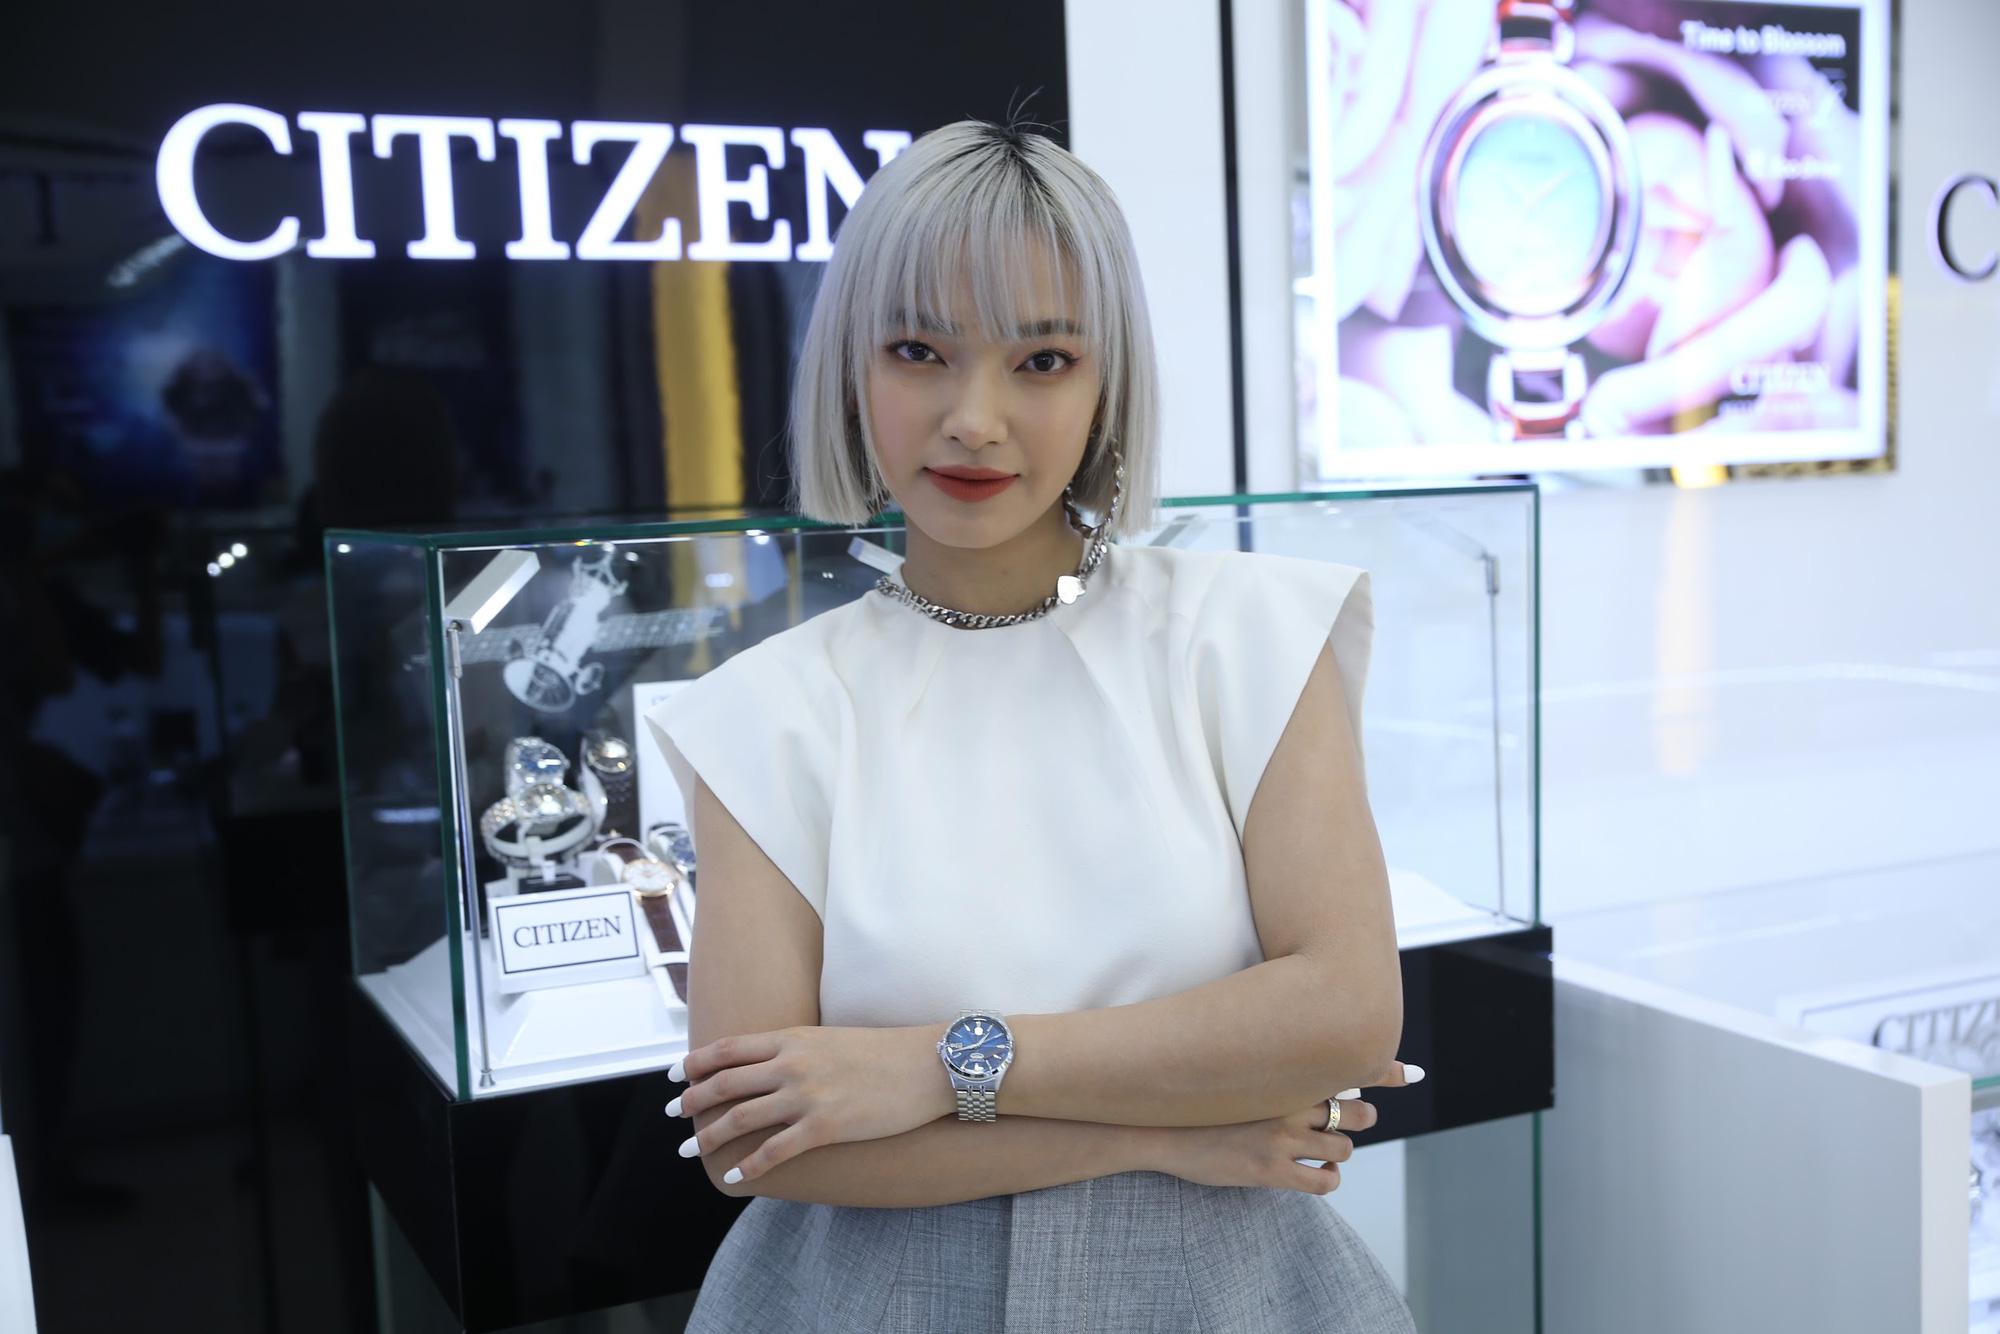 Châu Bùi, Quang Đại khoe thần thái trong sự kiện ra mắt BST mới từ CITIZEN - Ảnh 3.